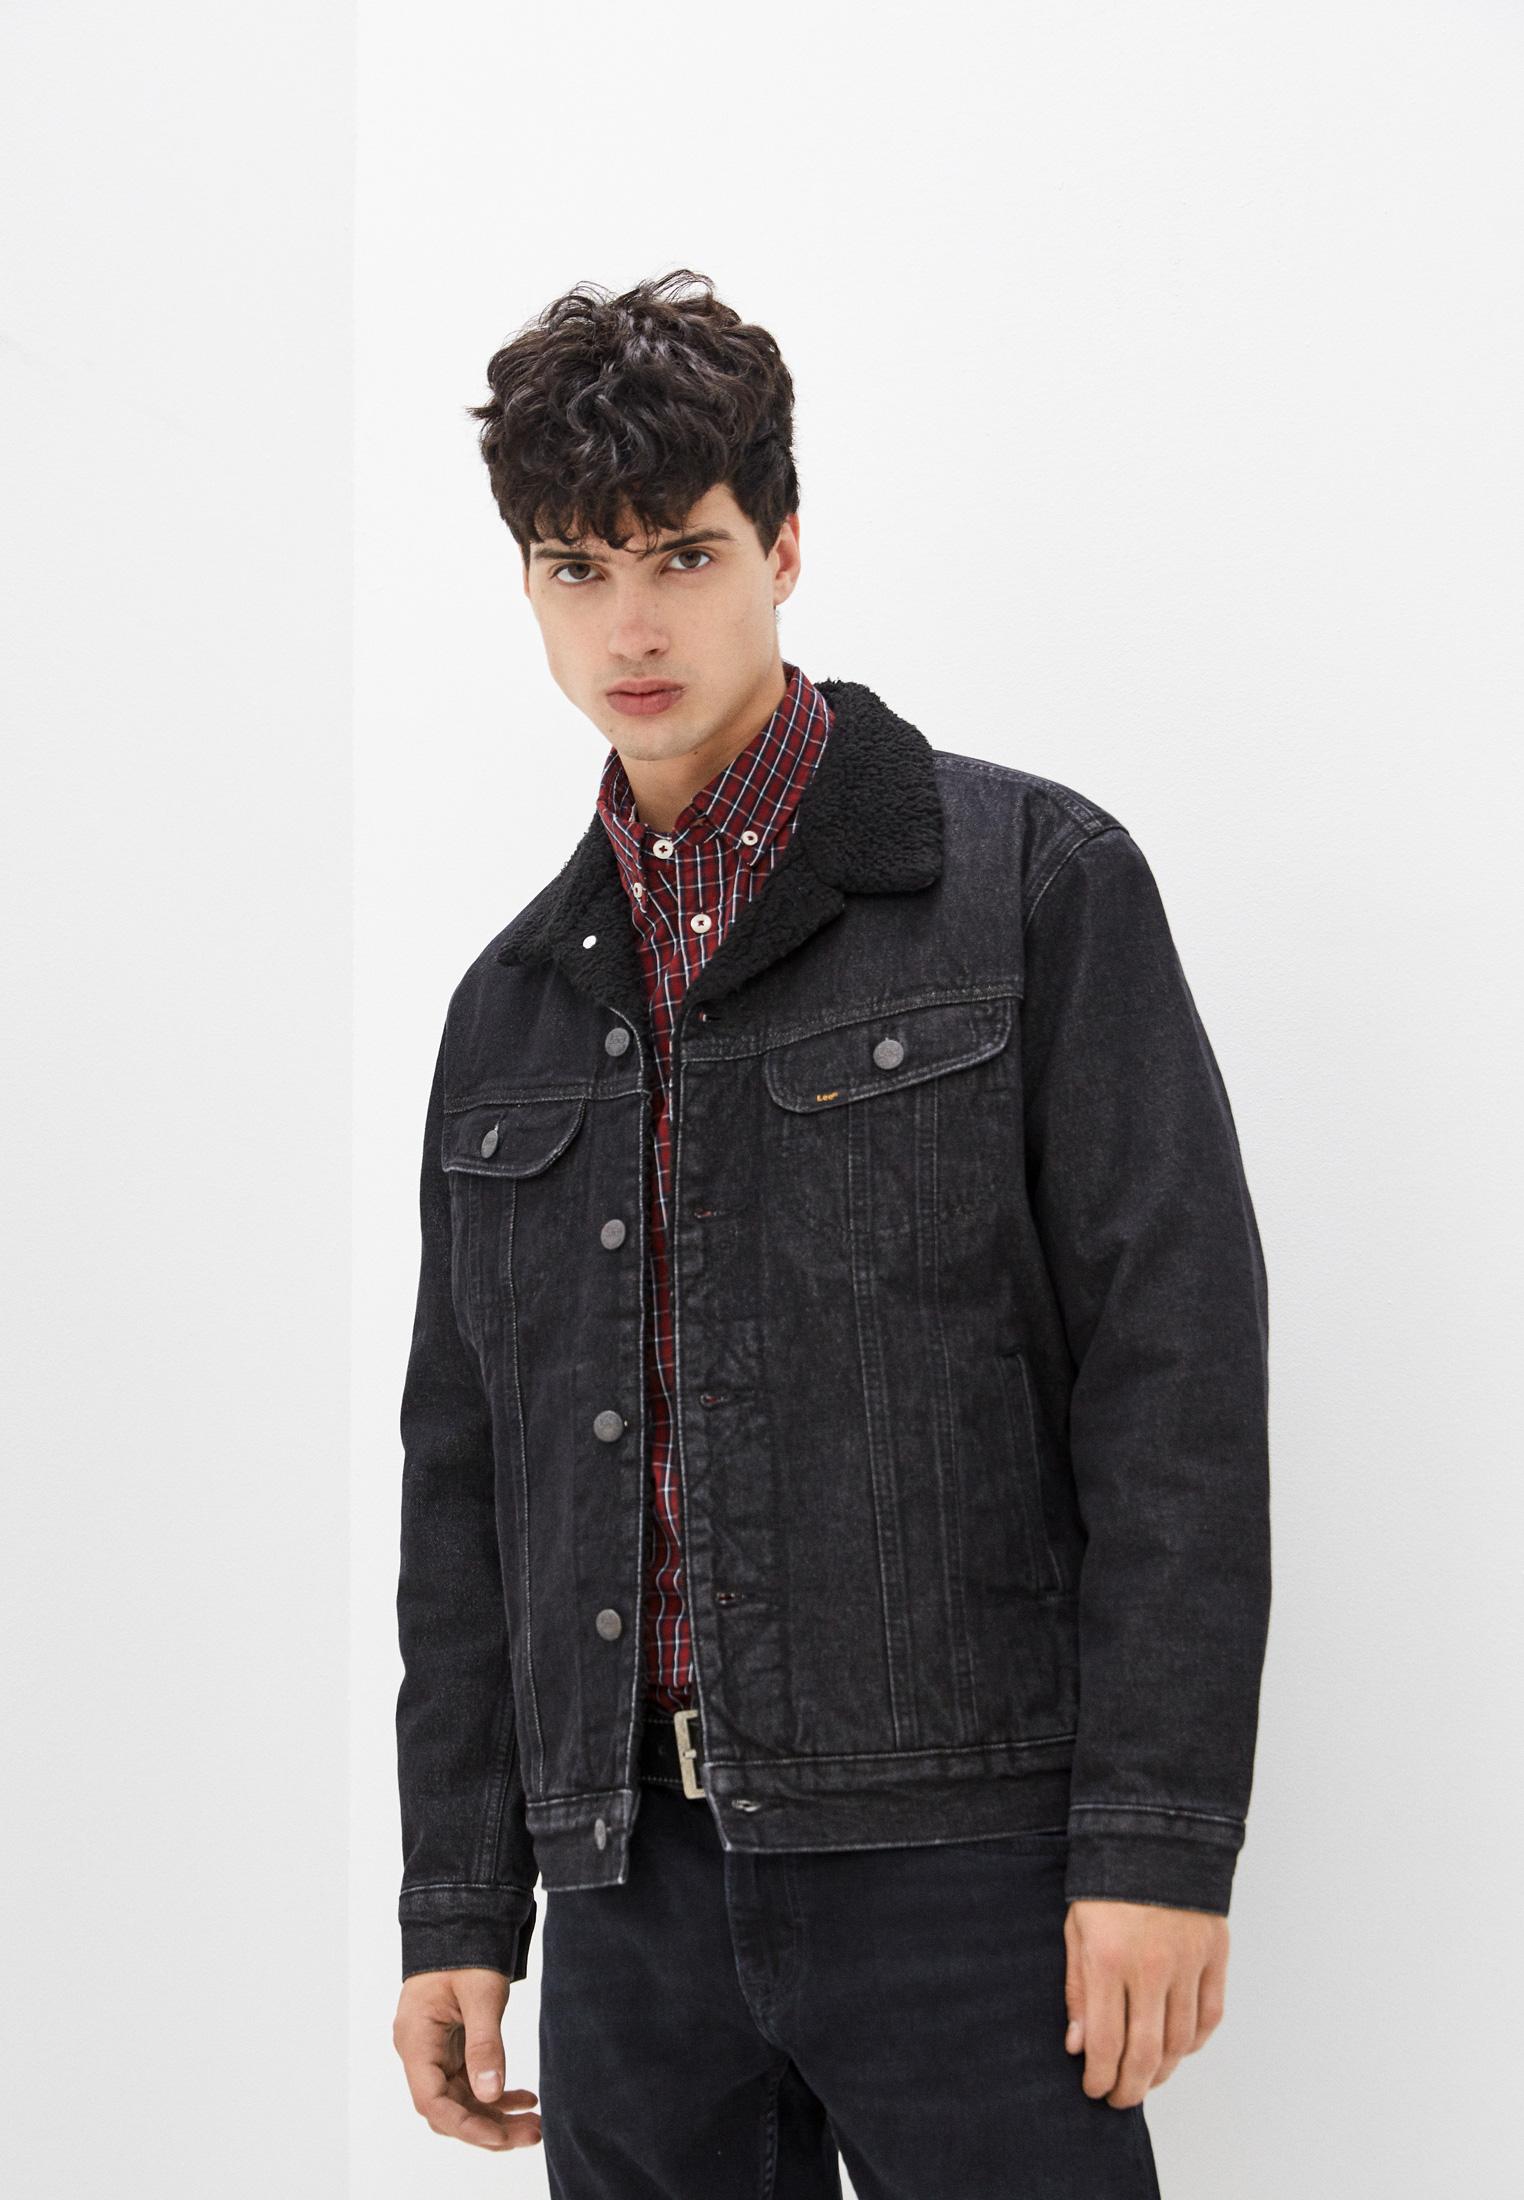 Джинсовая куртка Lee (Ли) Куртка джинсовая Lee